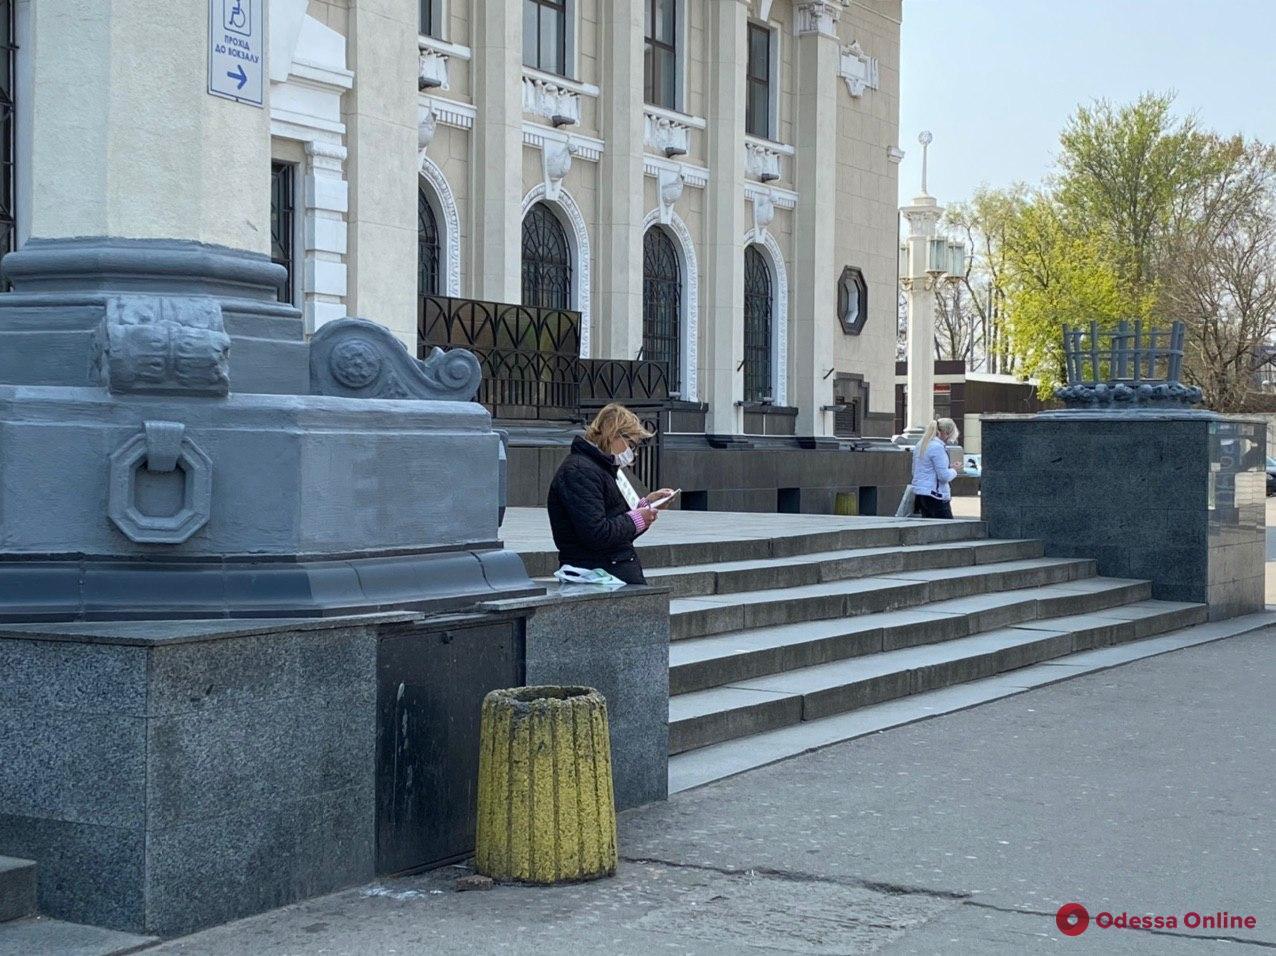 Одесса. Карантин. Неделя четвертая (фоторепортаж)